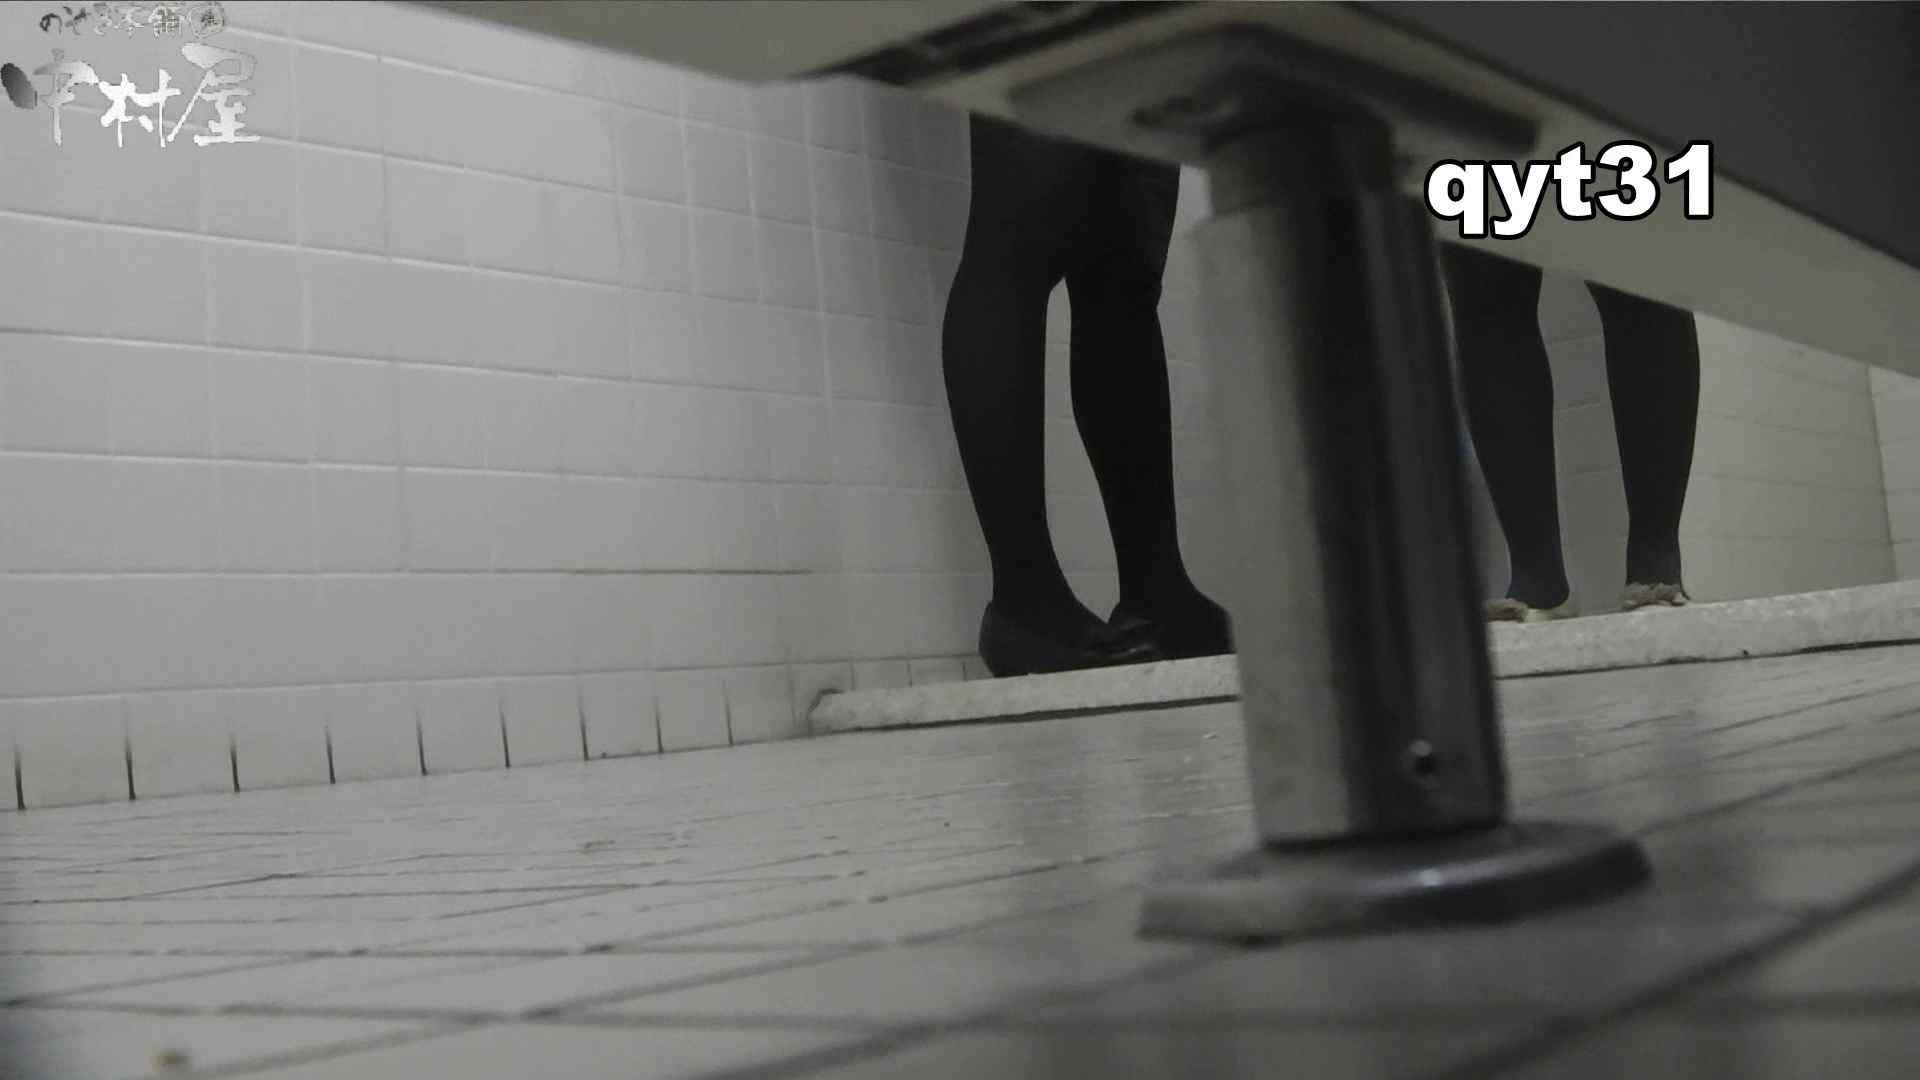 【お銀さんの「洗面所突入レポート!!」】お銀さんの「洗面所突入レポート!!」 vol.31 Σ(||゚Д゚)ヒィ~!! 洗面所 | 綺麗なOLたち  71枚 67